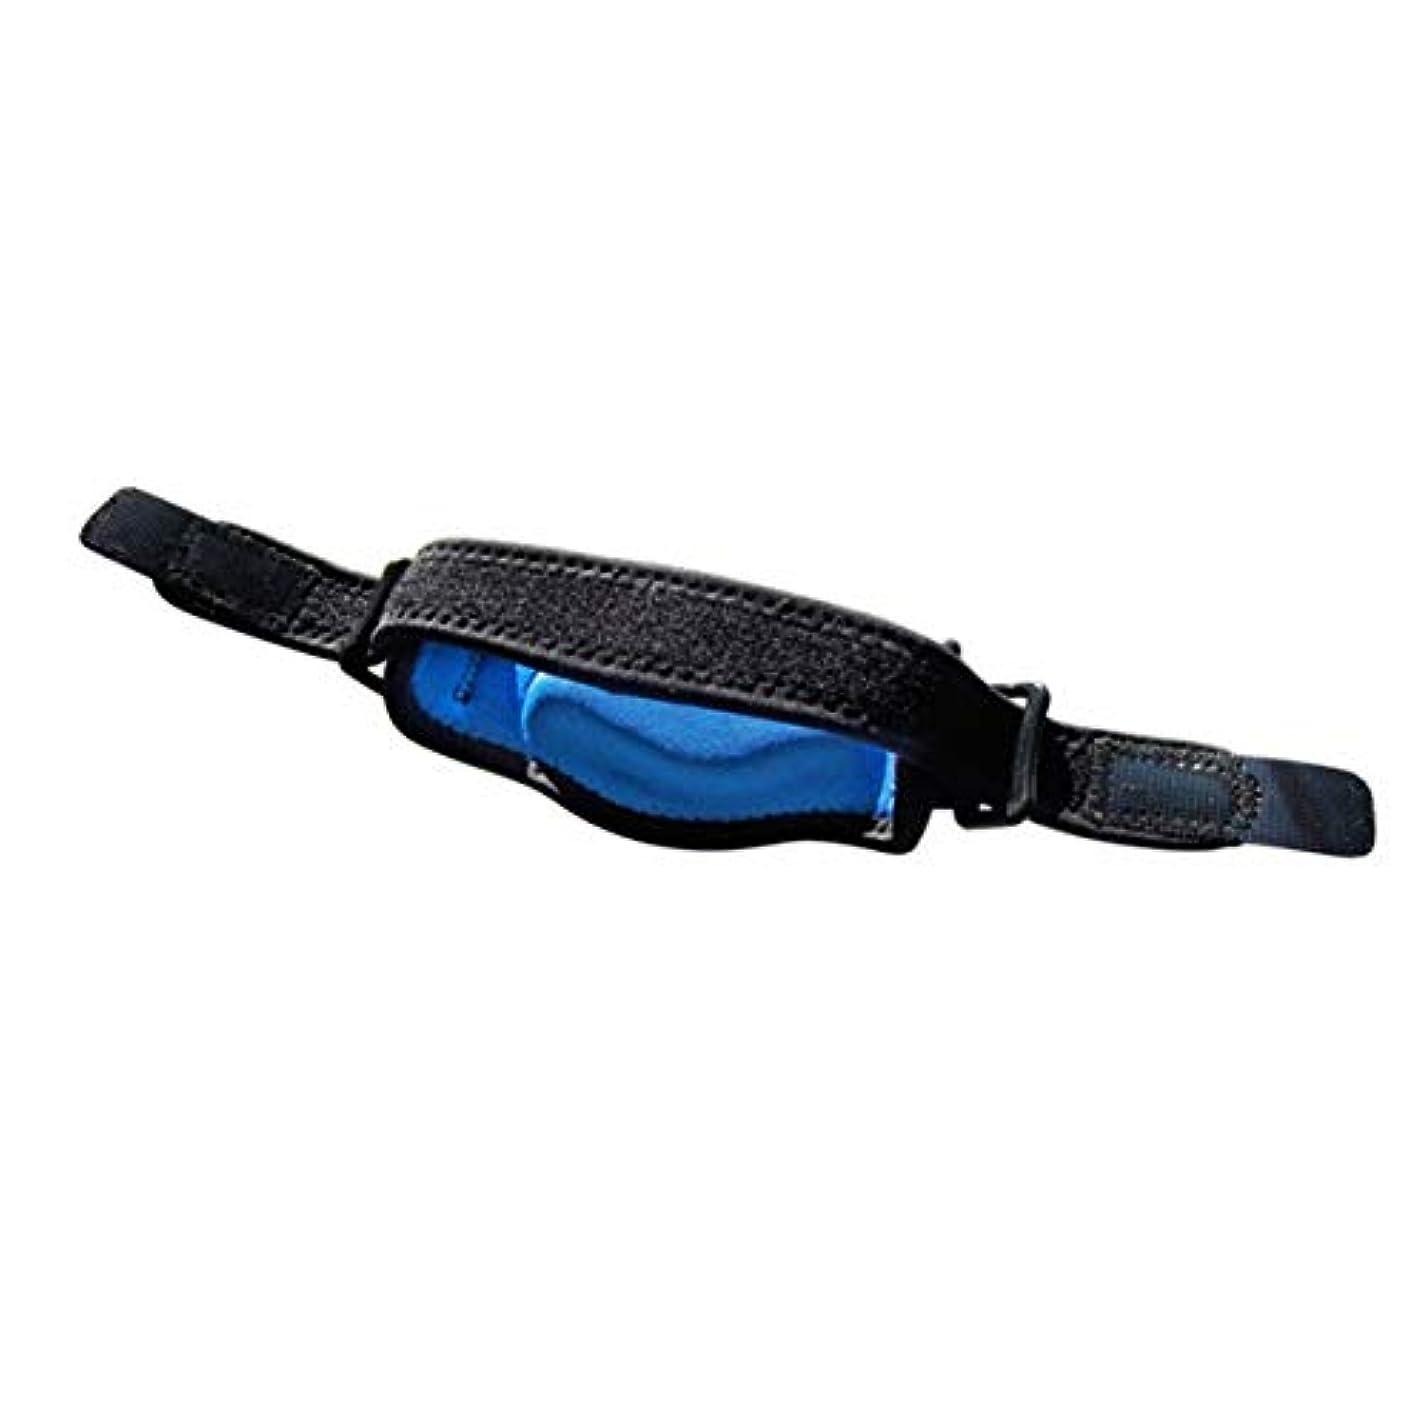 全体にペパーミント愛情深い調節可能なテニス肘サポートストラップブレースゴルフ前腕痛み緩和